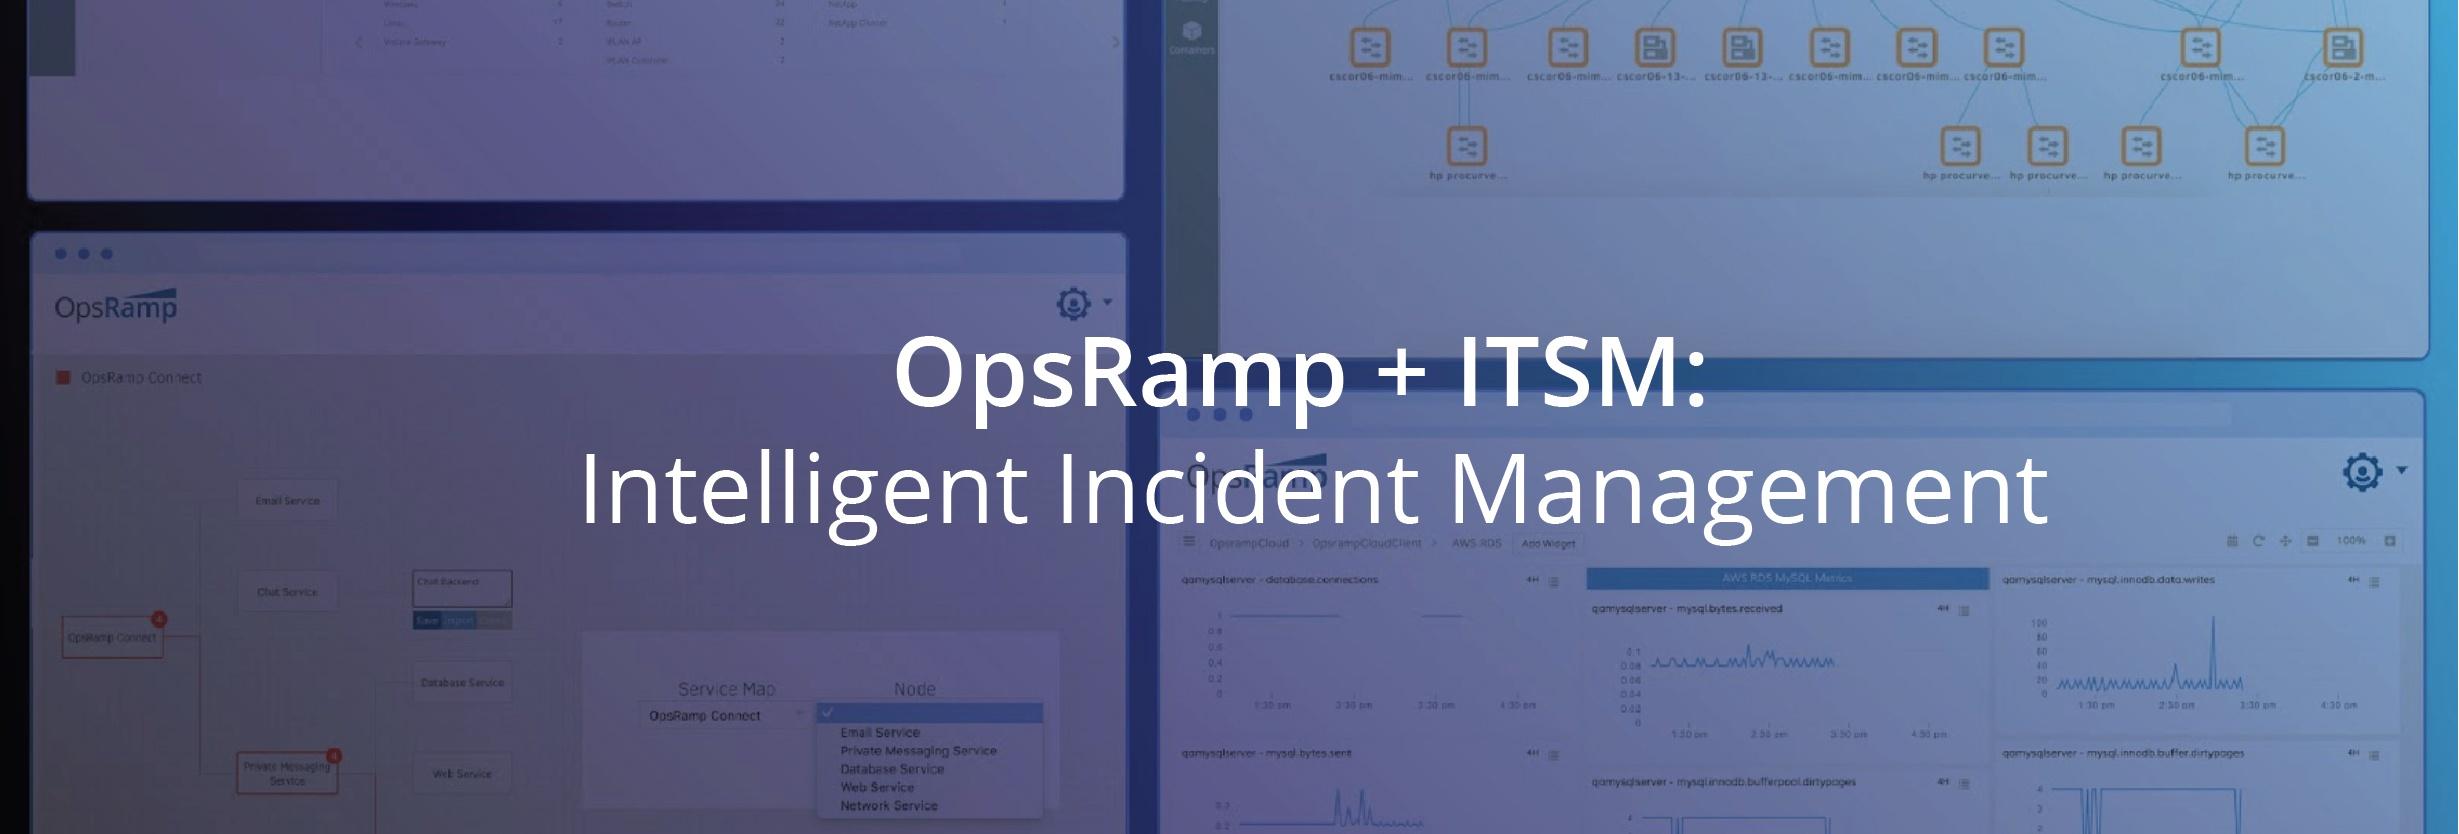 [On-Demand Webinar] OpsRamp + ITSM: Intelligent Incident Management For Superior Digital Performance